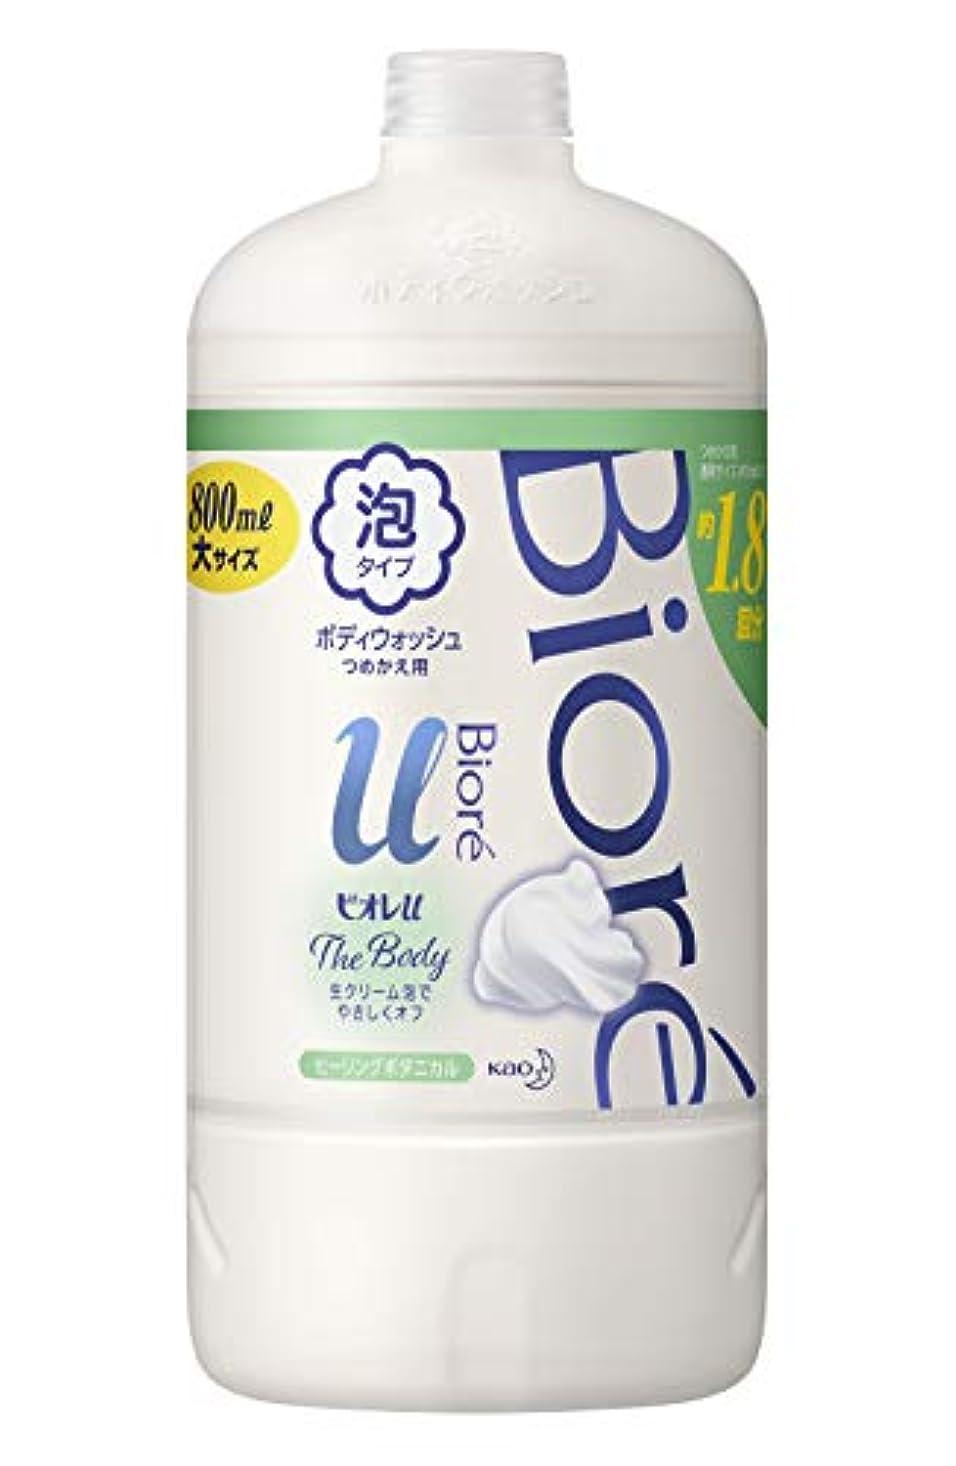 酸憂鬱ペレット【大容量】 ビオレu ザ ボディ 〔 The Body 〕 泡タイプ ヒーリングボタニカルの香り つめかえ用 800ml 「高潤滑処方の生クリーム泡」 ボディソープ 清々しいヒーリングボタニカルの香り